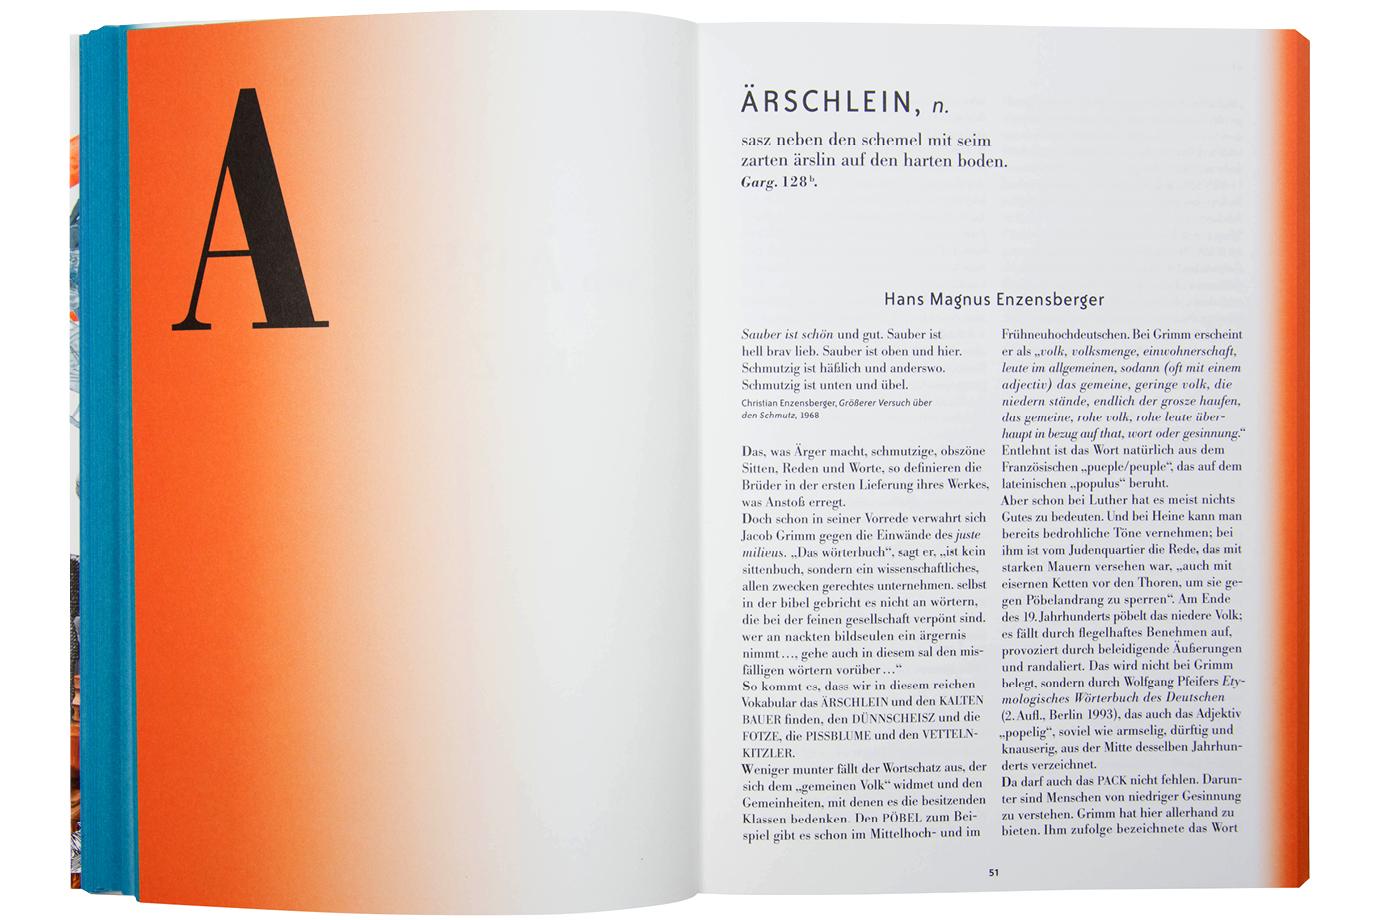 http://e-o-t.de/wordpress/wp-content/uploads/2017/05/2015_eot-Grimmwelt-Book-06.jpg